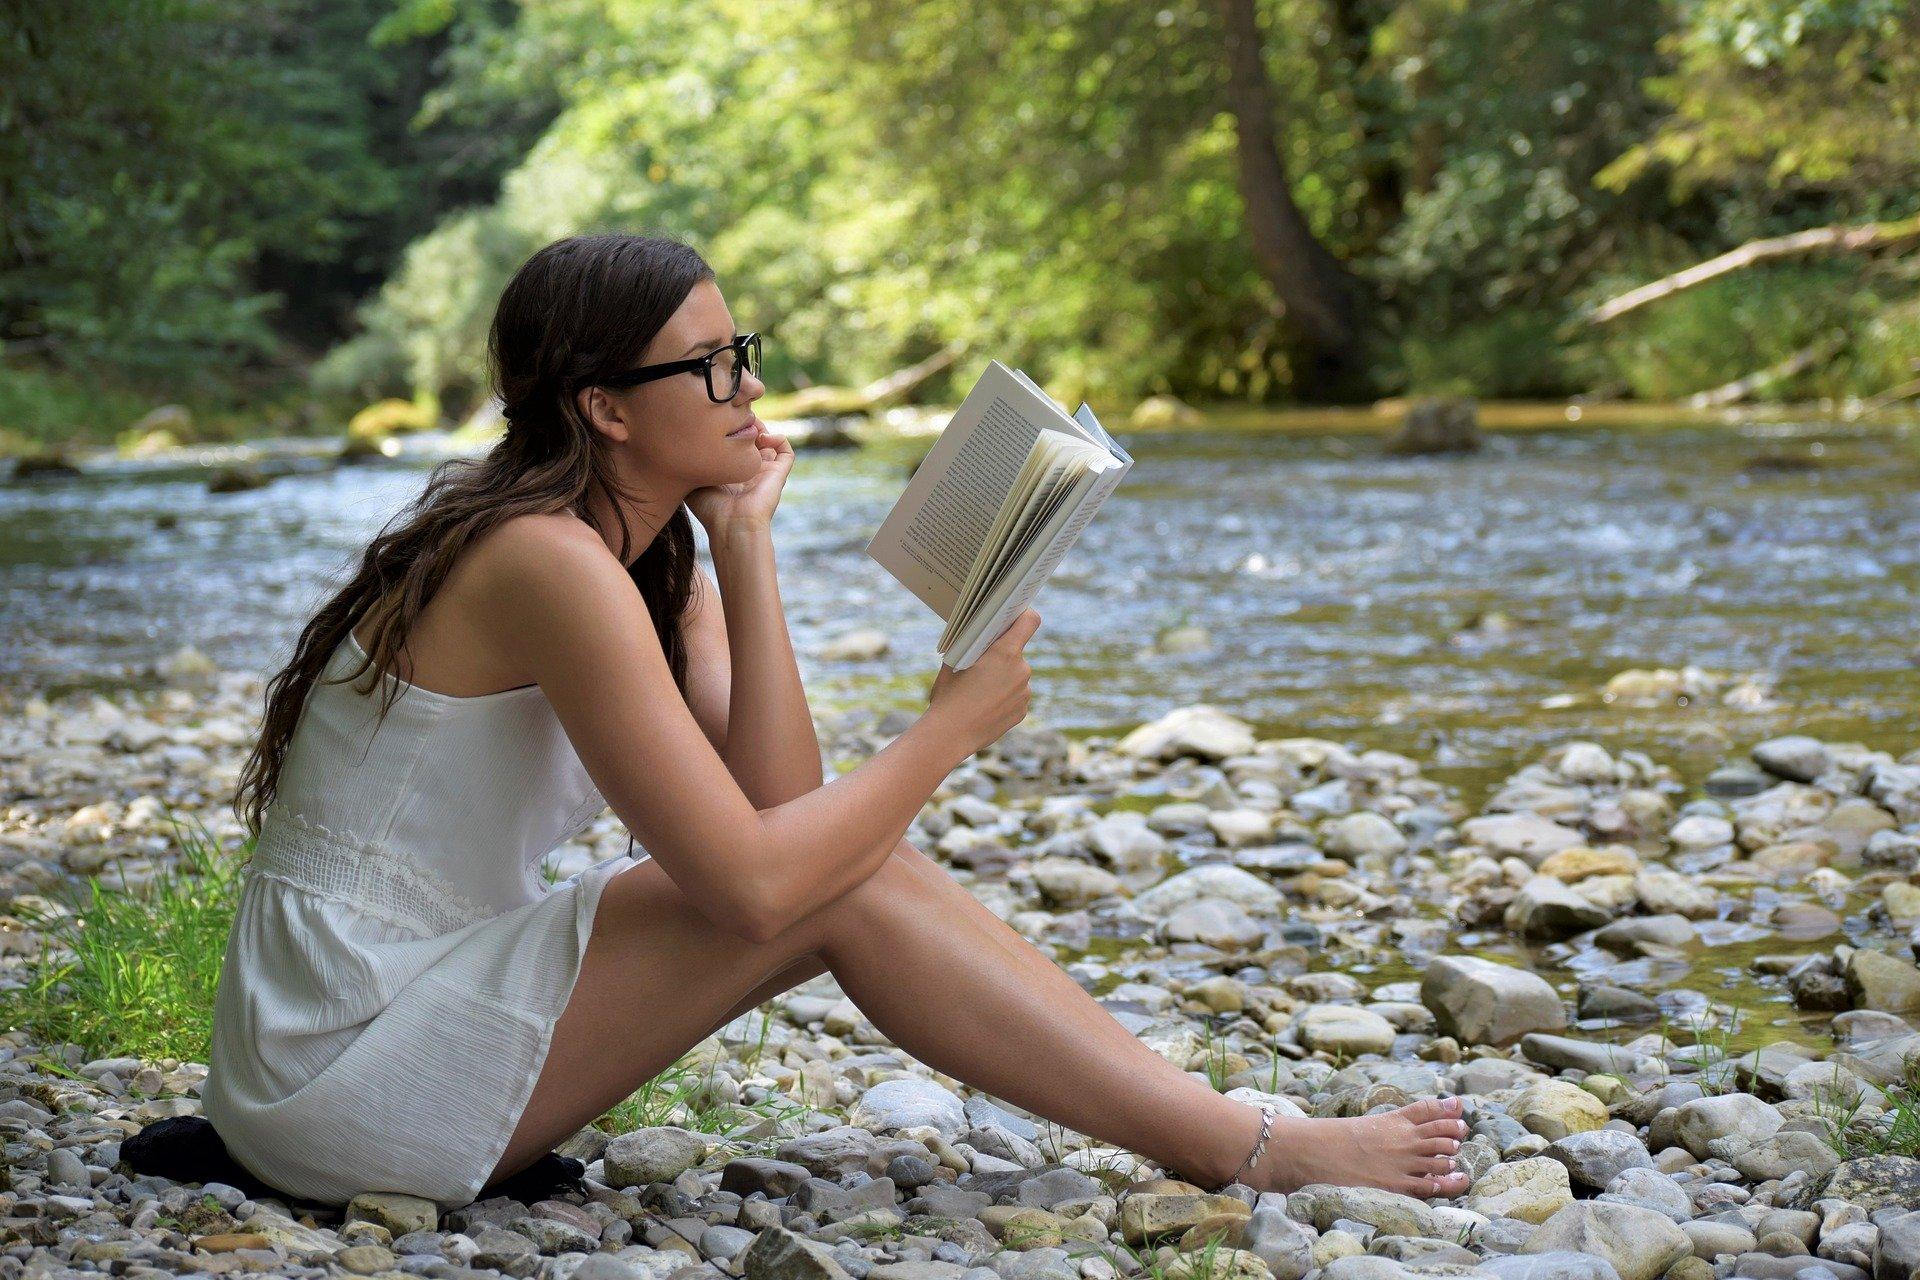 tu verano favorito - leer